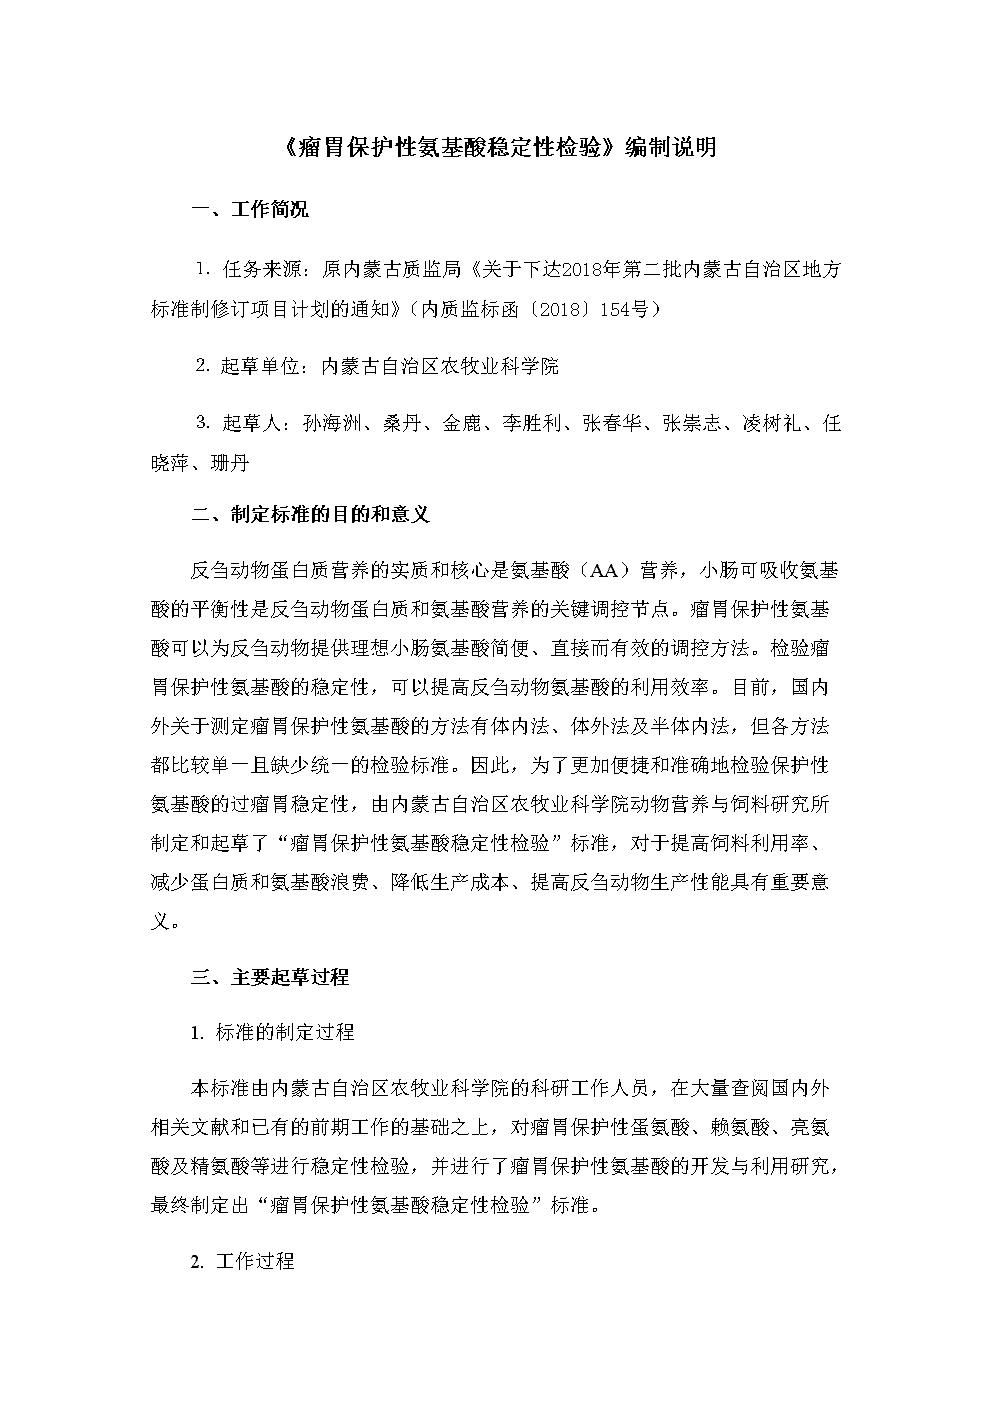 瘤胃保护性氨基酸稳定性检验编制说明.docx